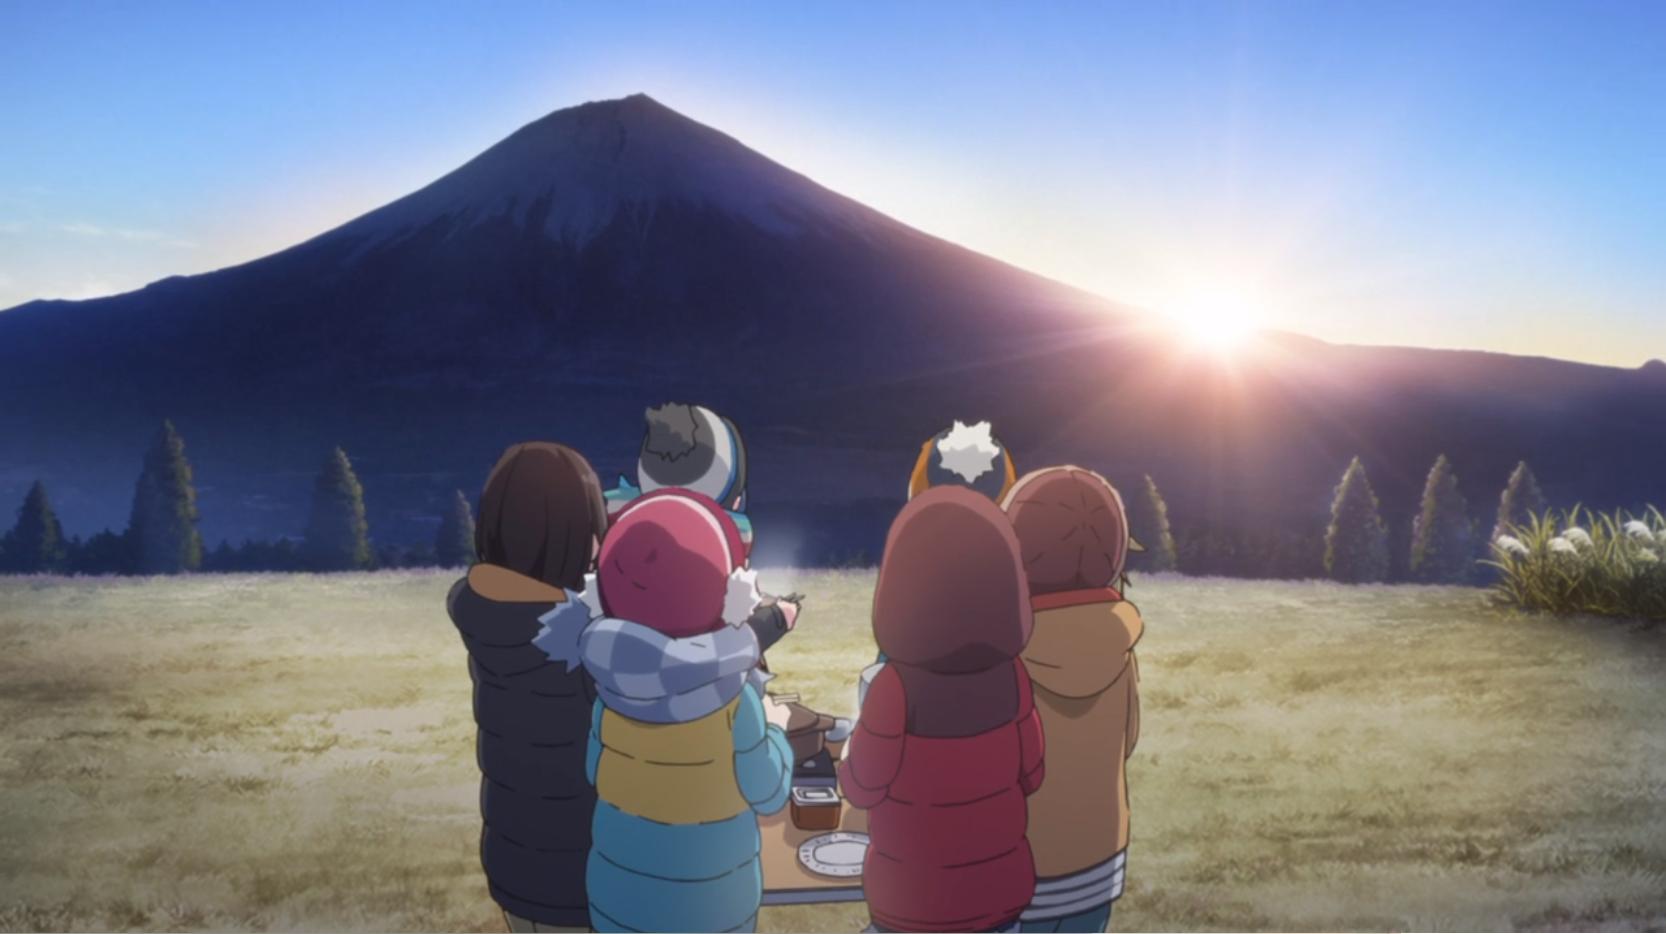 アニメ『ゆるキャン△』12話の朝霧高原キャンプ場の朝日